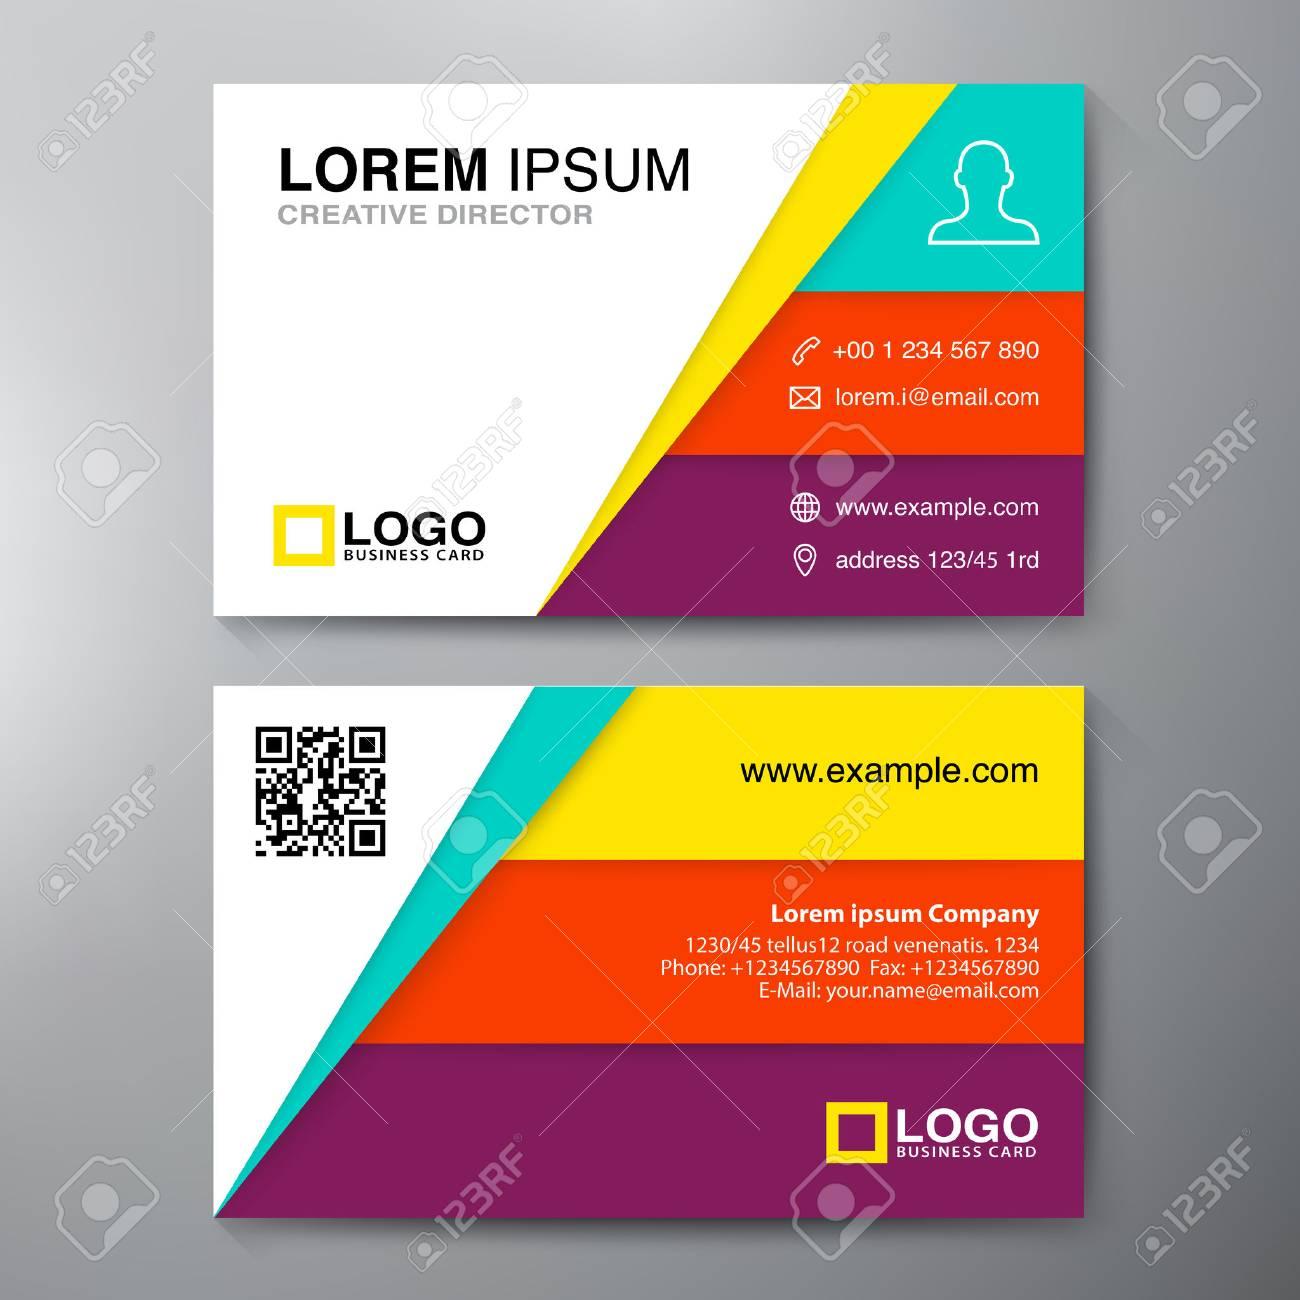 Modern Business Card Design Template Vector Illustration Royalty - Modern business card design templates